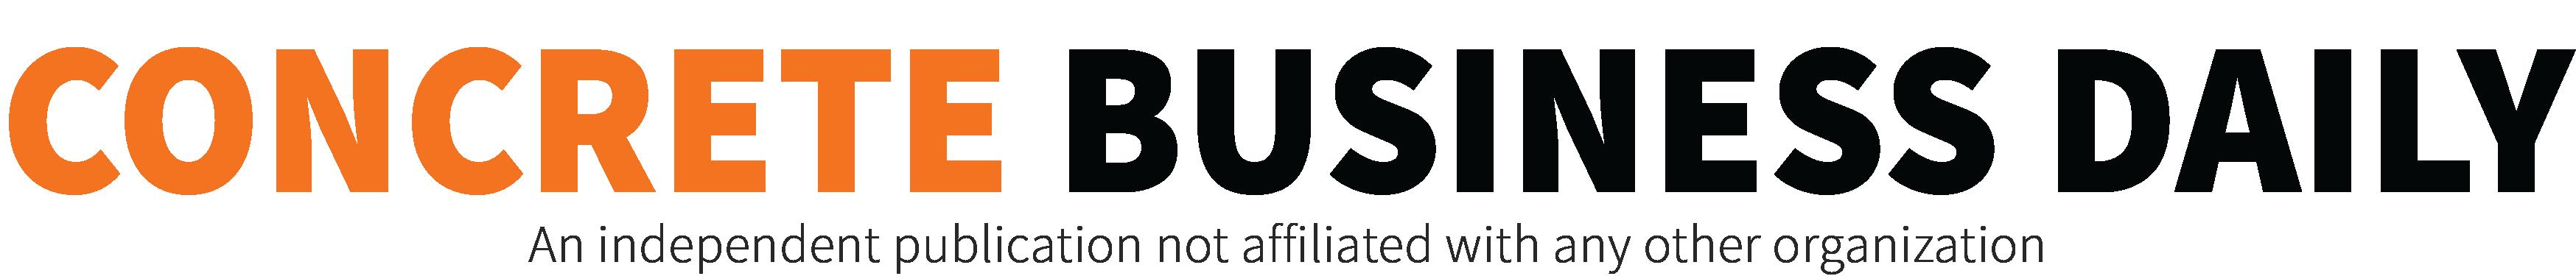 Concrete Business Daily logo